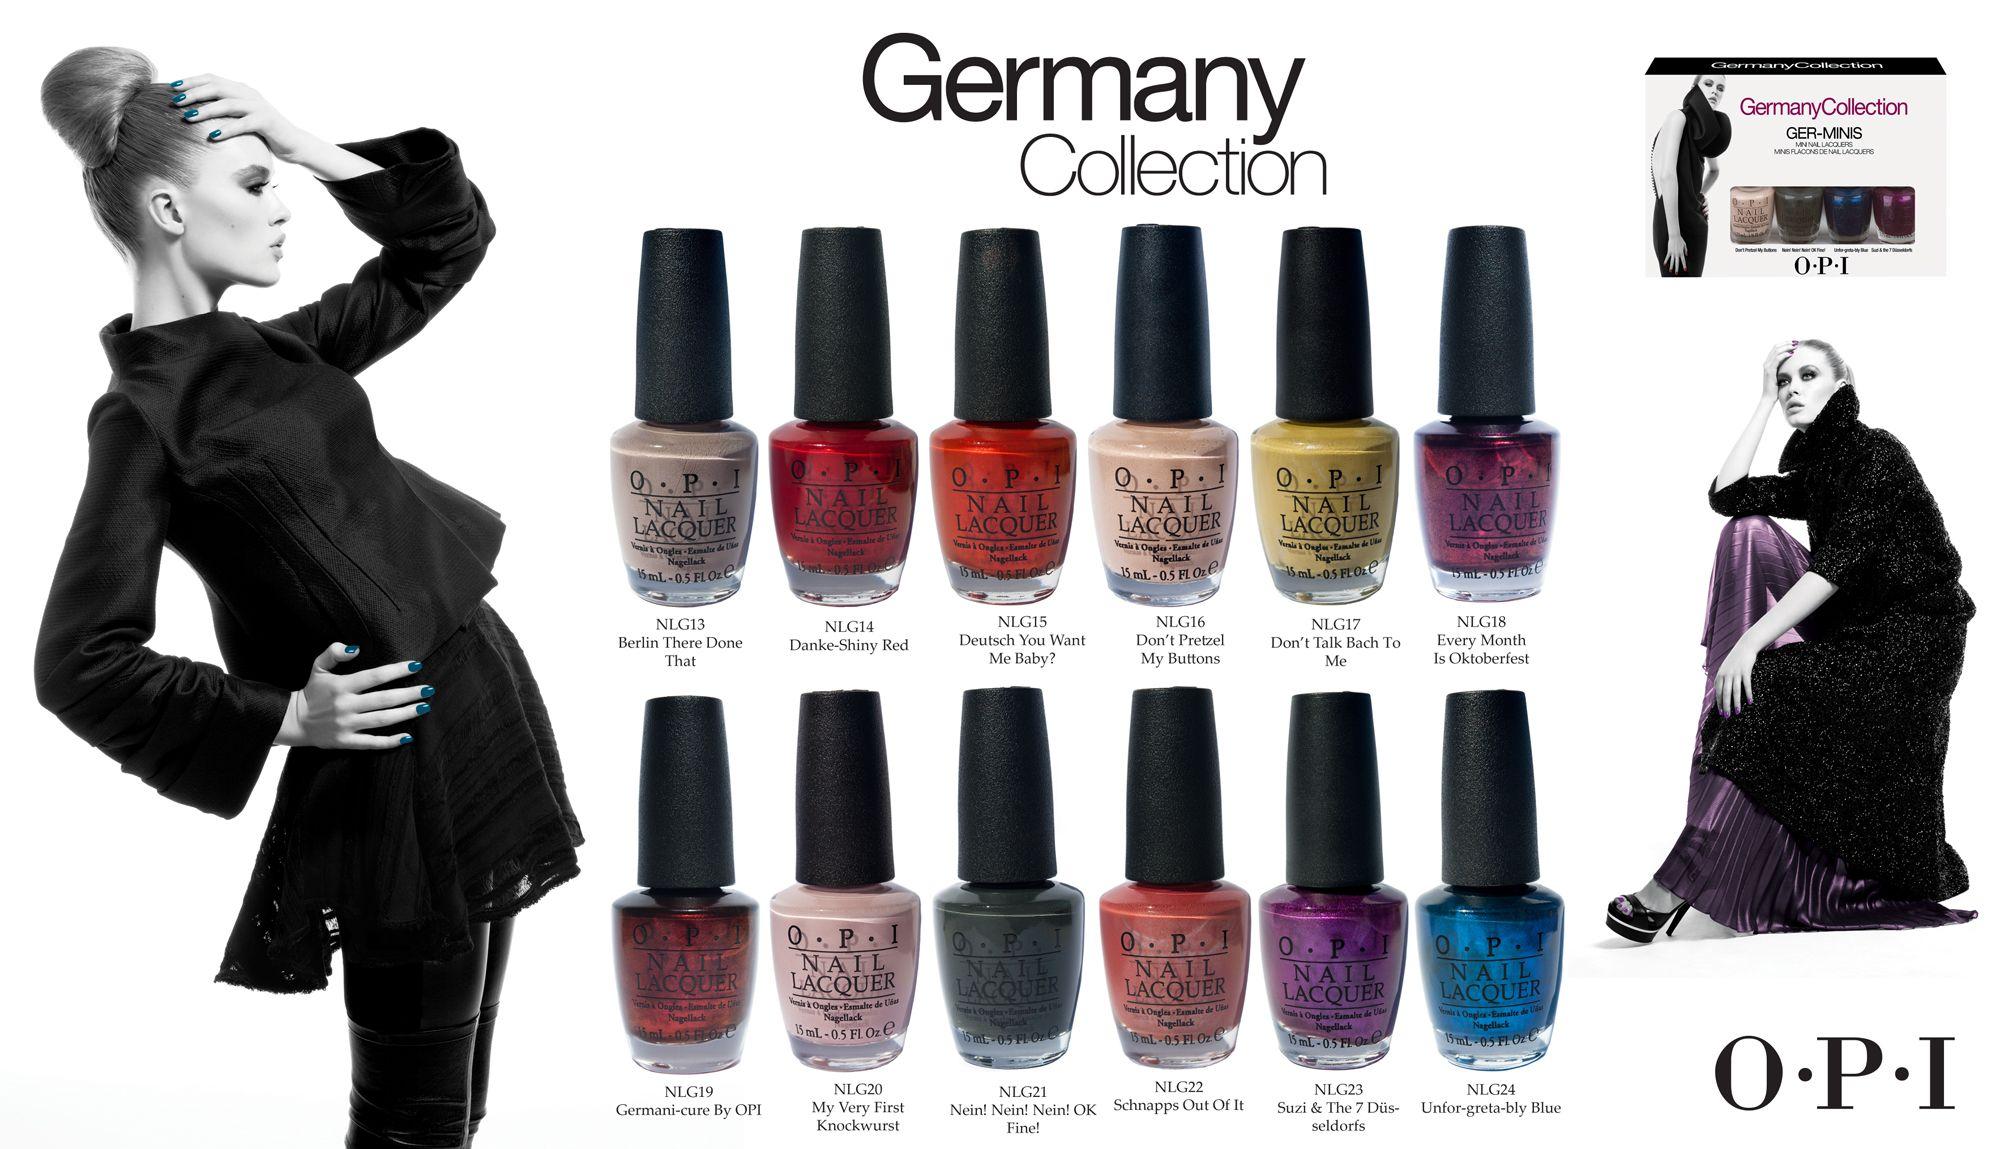 OPI Nagellack Germany Collection | OPI Nagellack Kollektioner ...